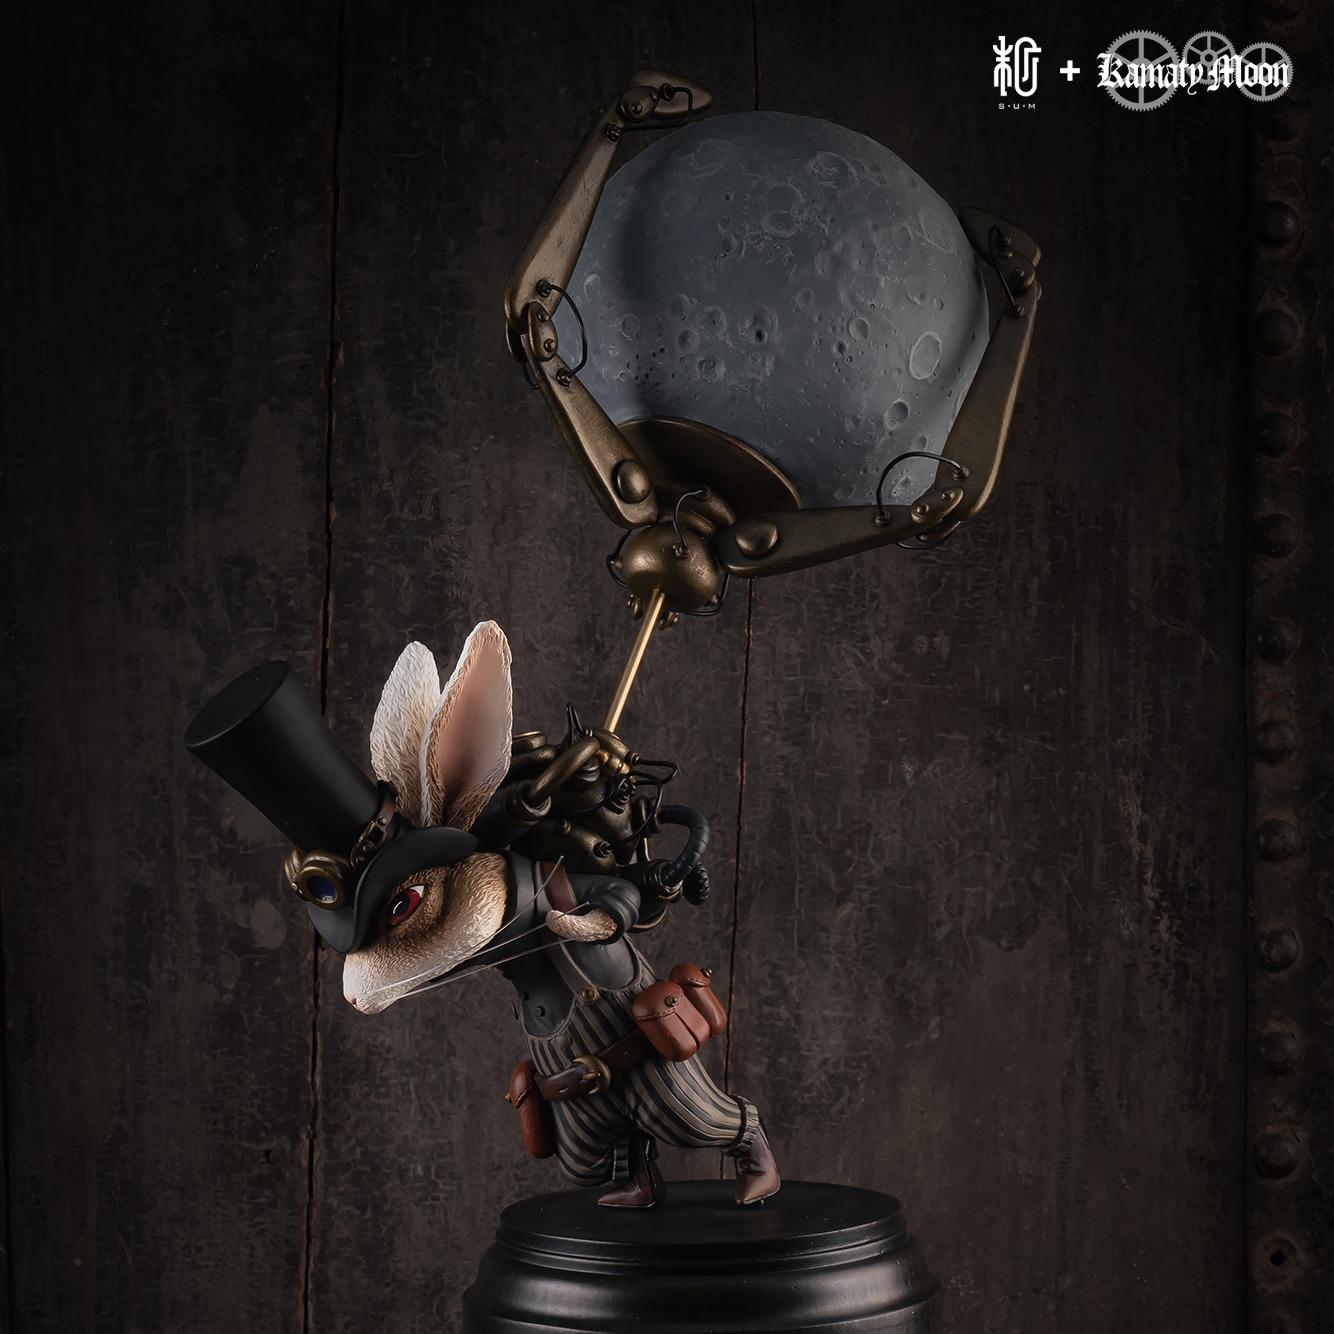 月を盗んだウサギ(Rabbit who stole the moon)|鎌田光司